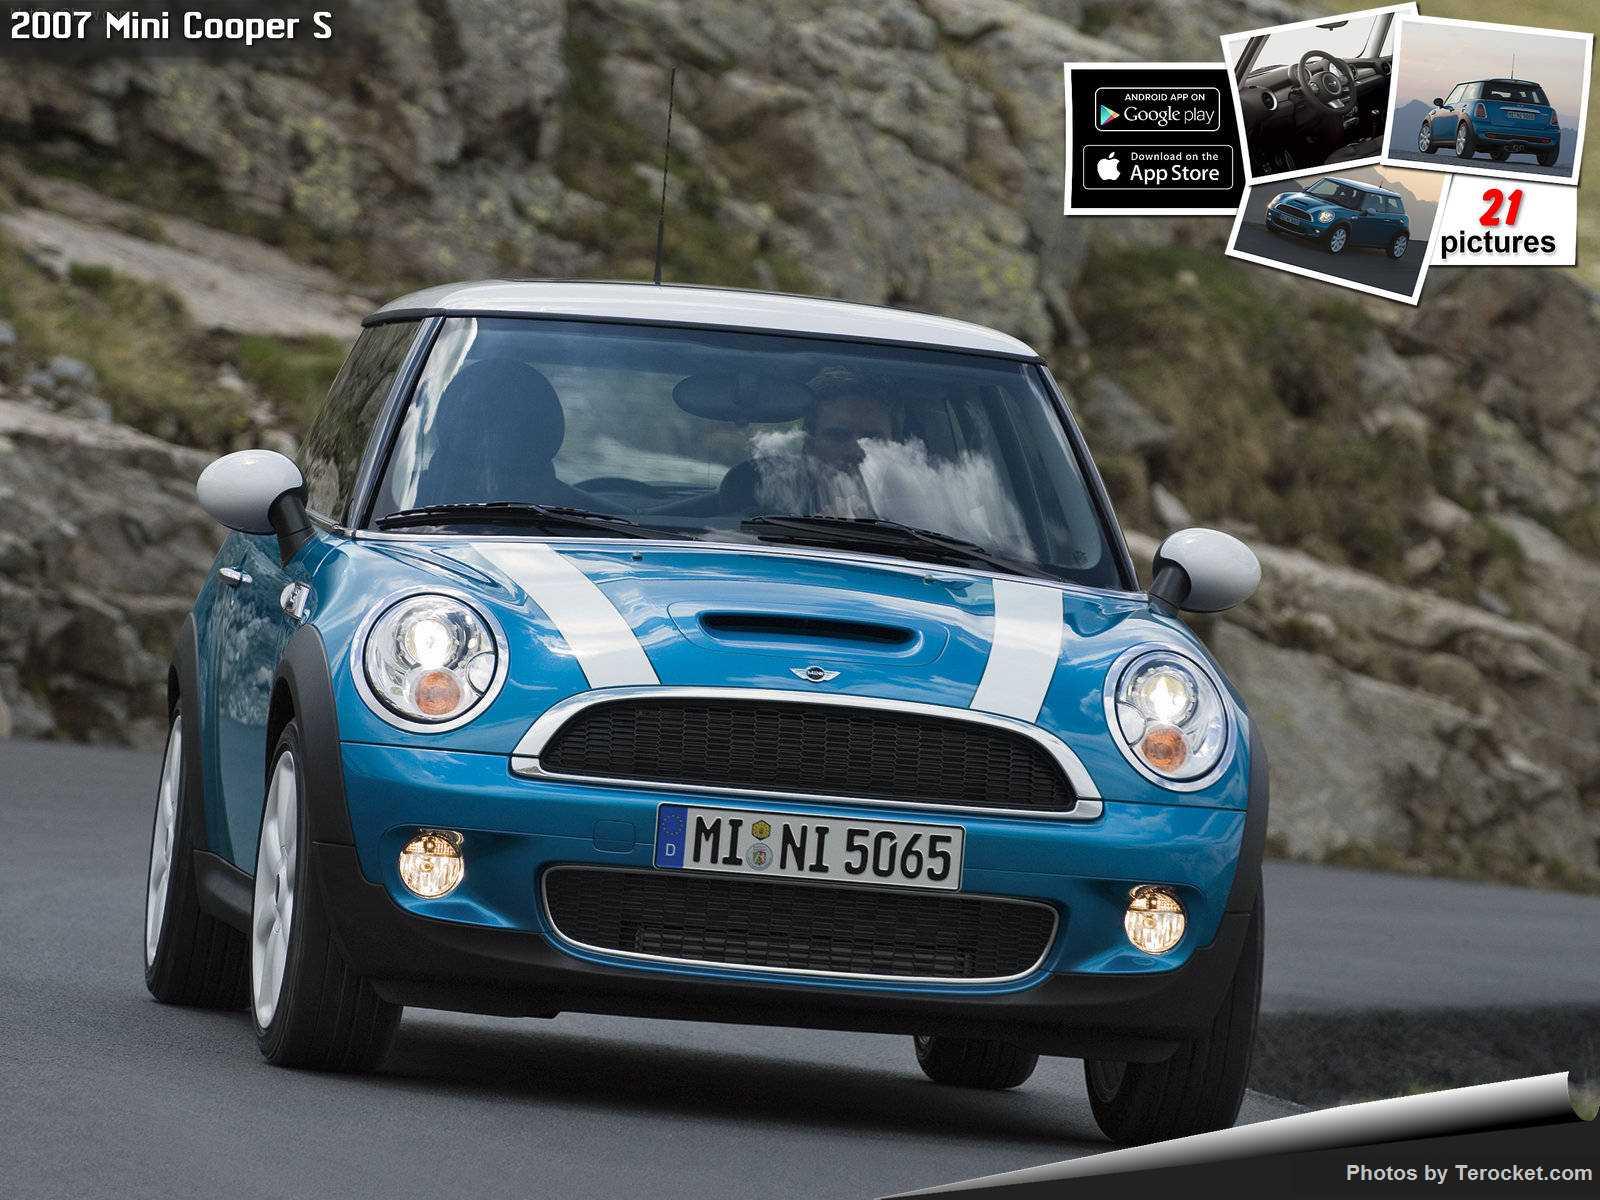 Hình ảnh xe ô tô Mini Cooper S 2007 & nội ngoại thất